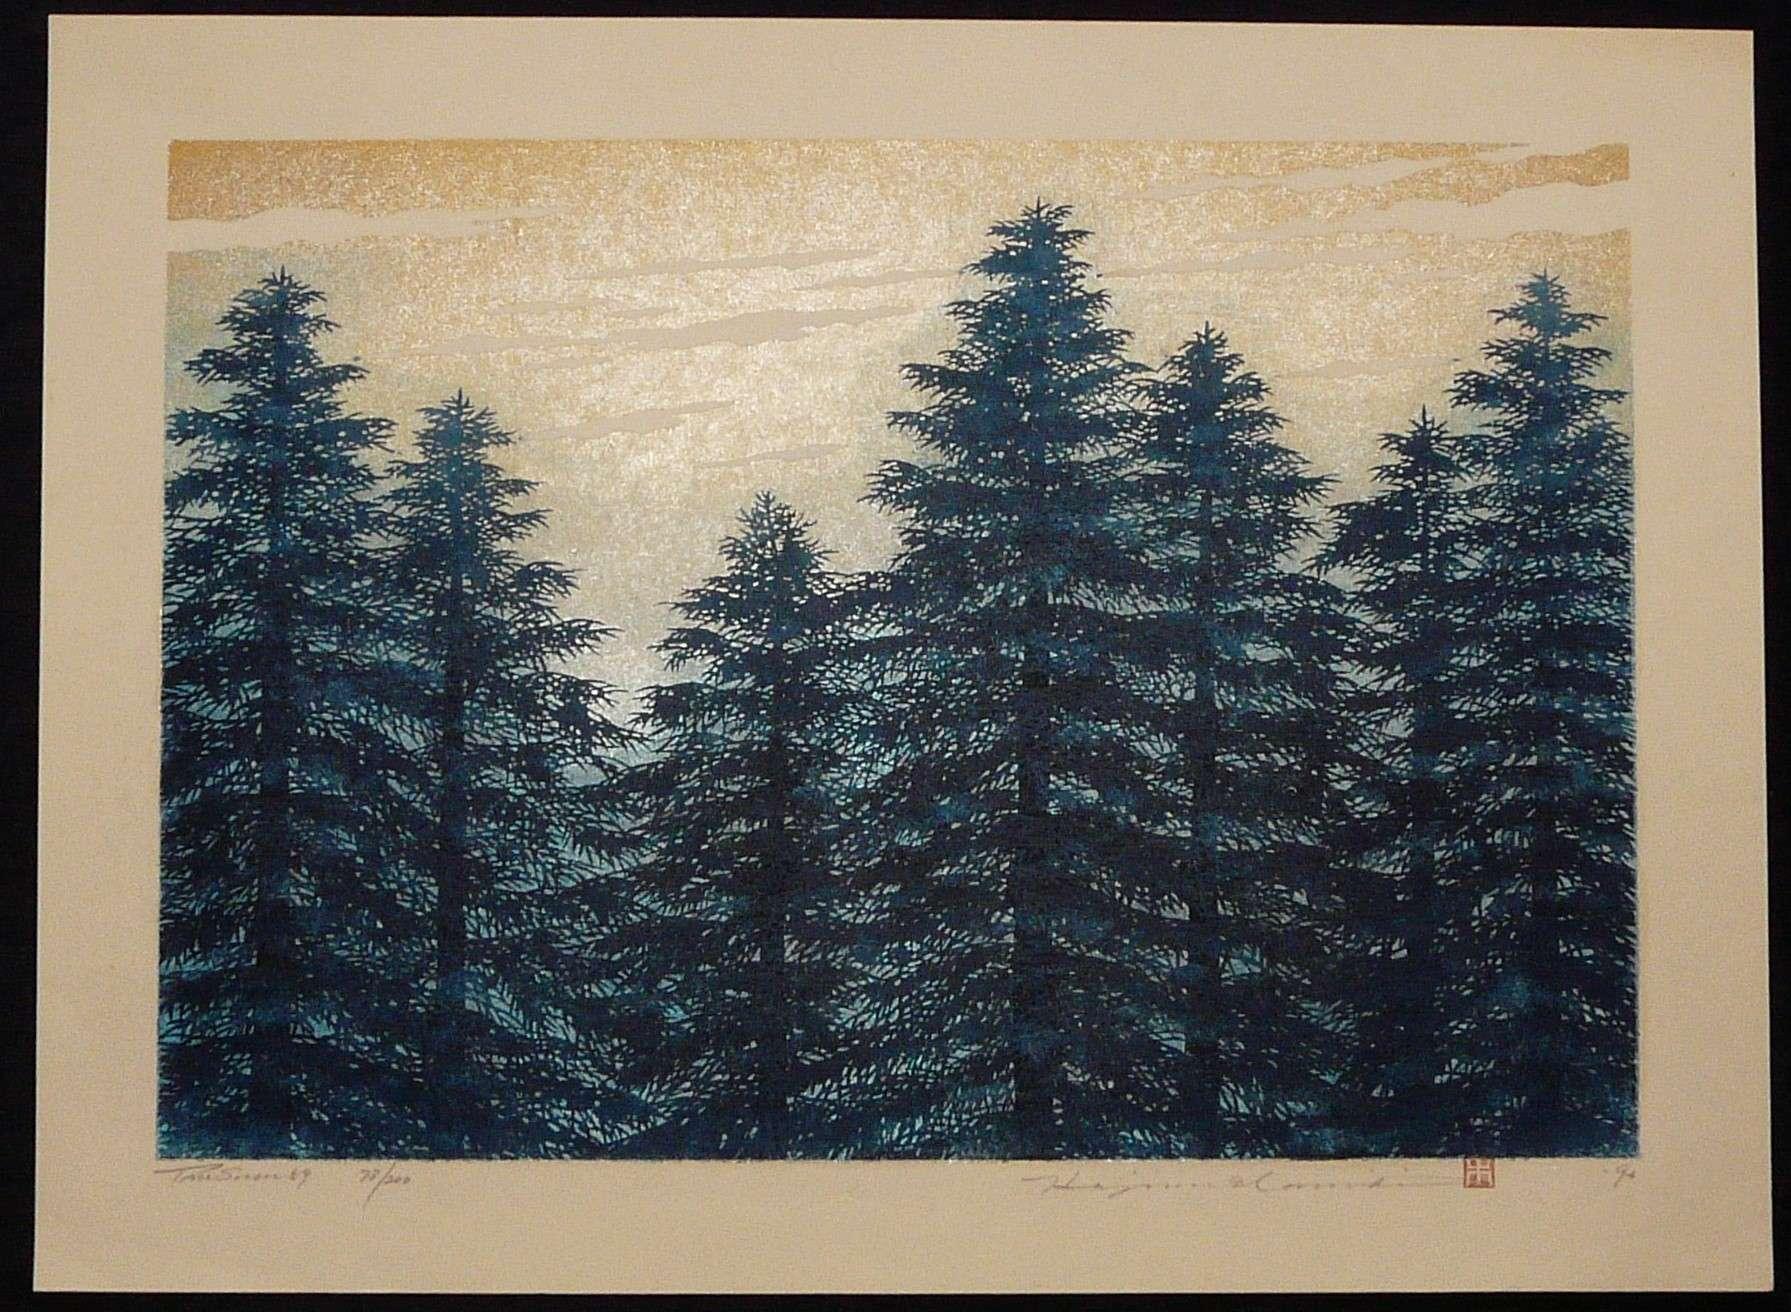 HAJIME NAMIKI: #P3389 TREE SCENE 59